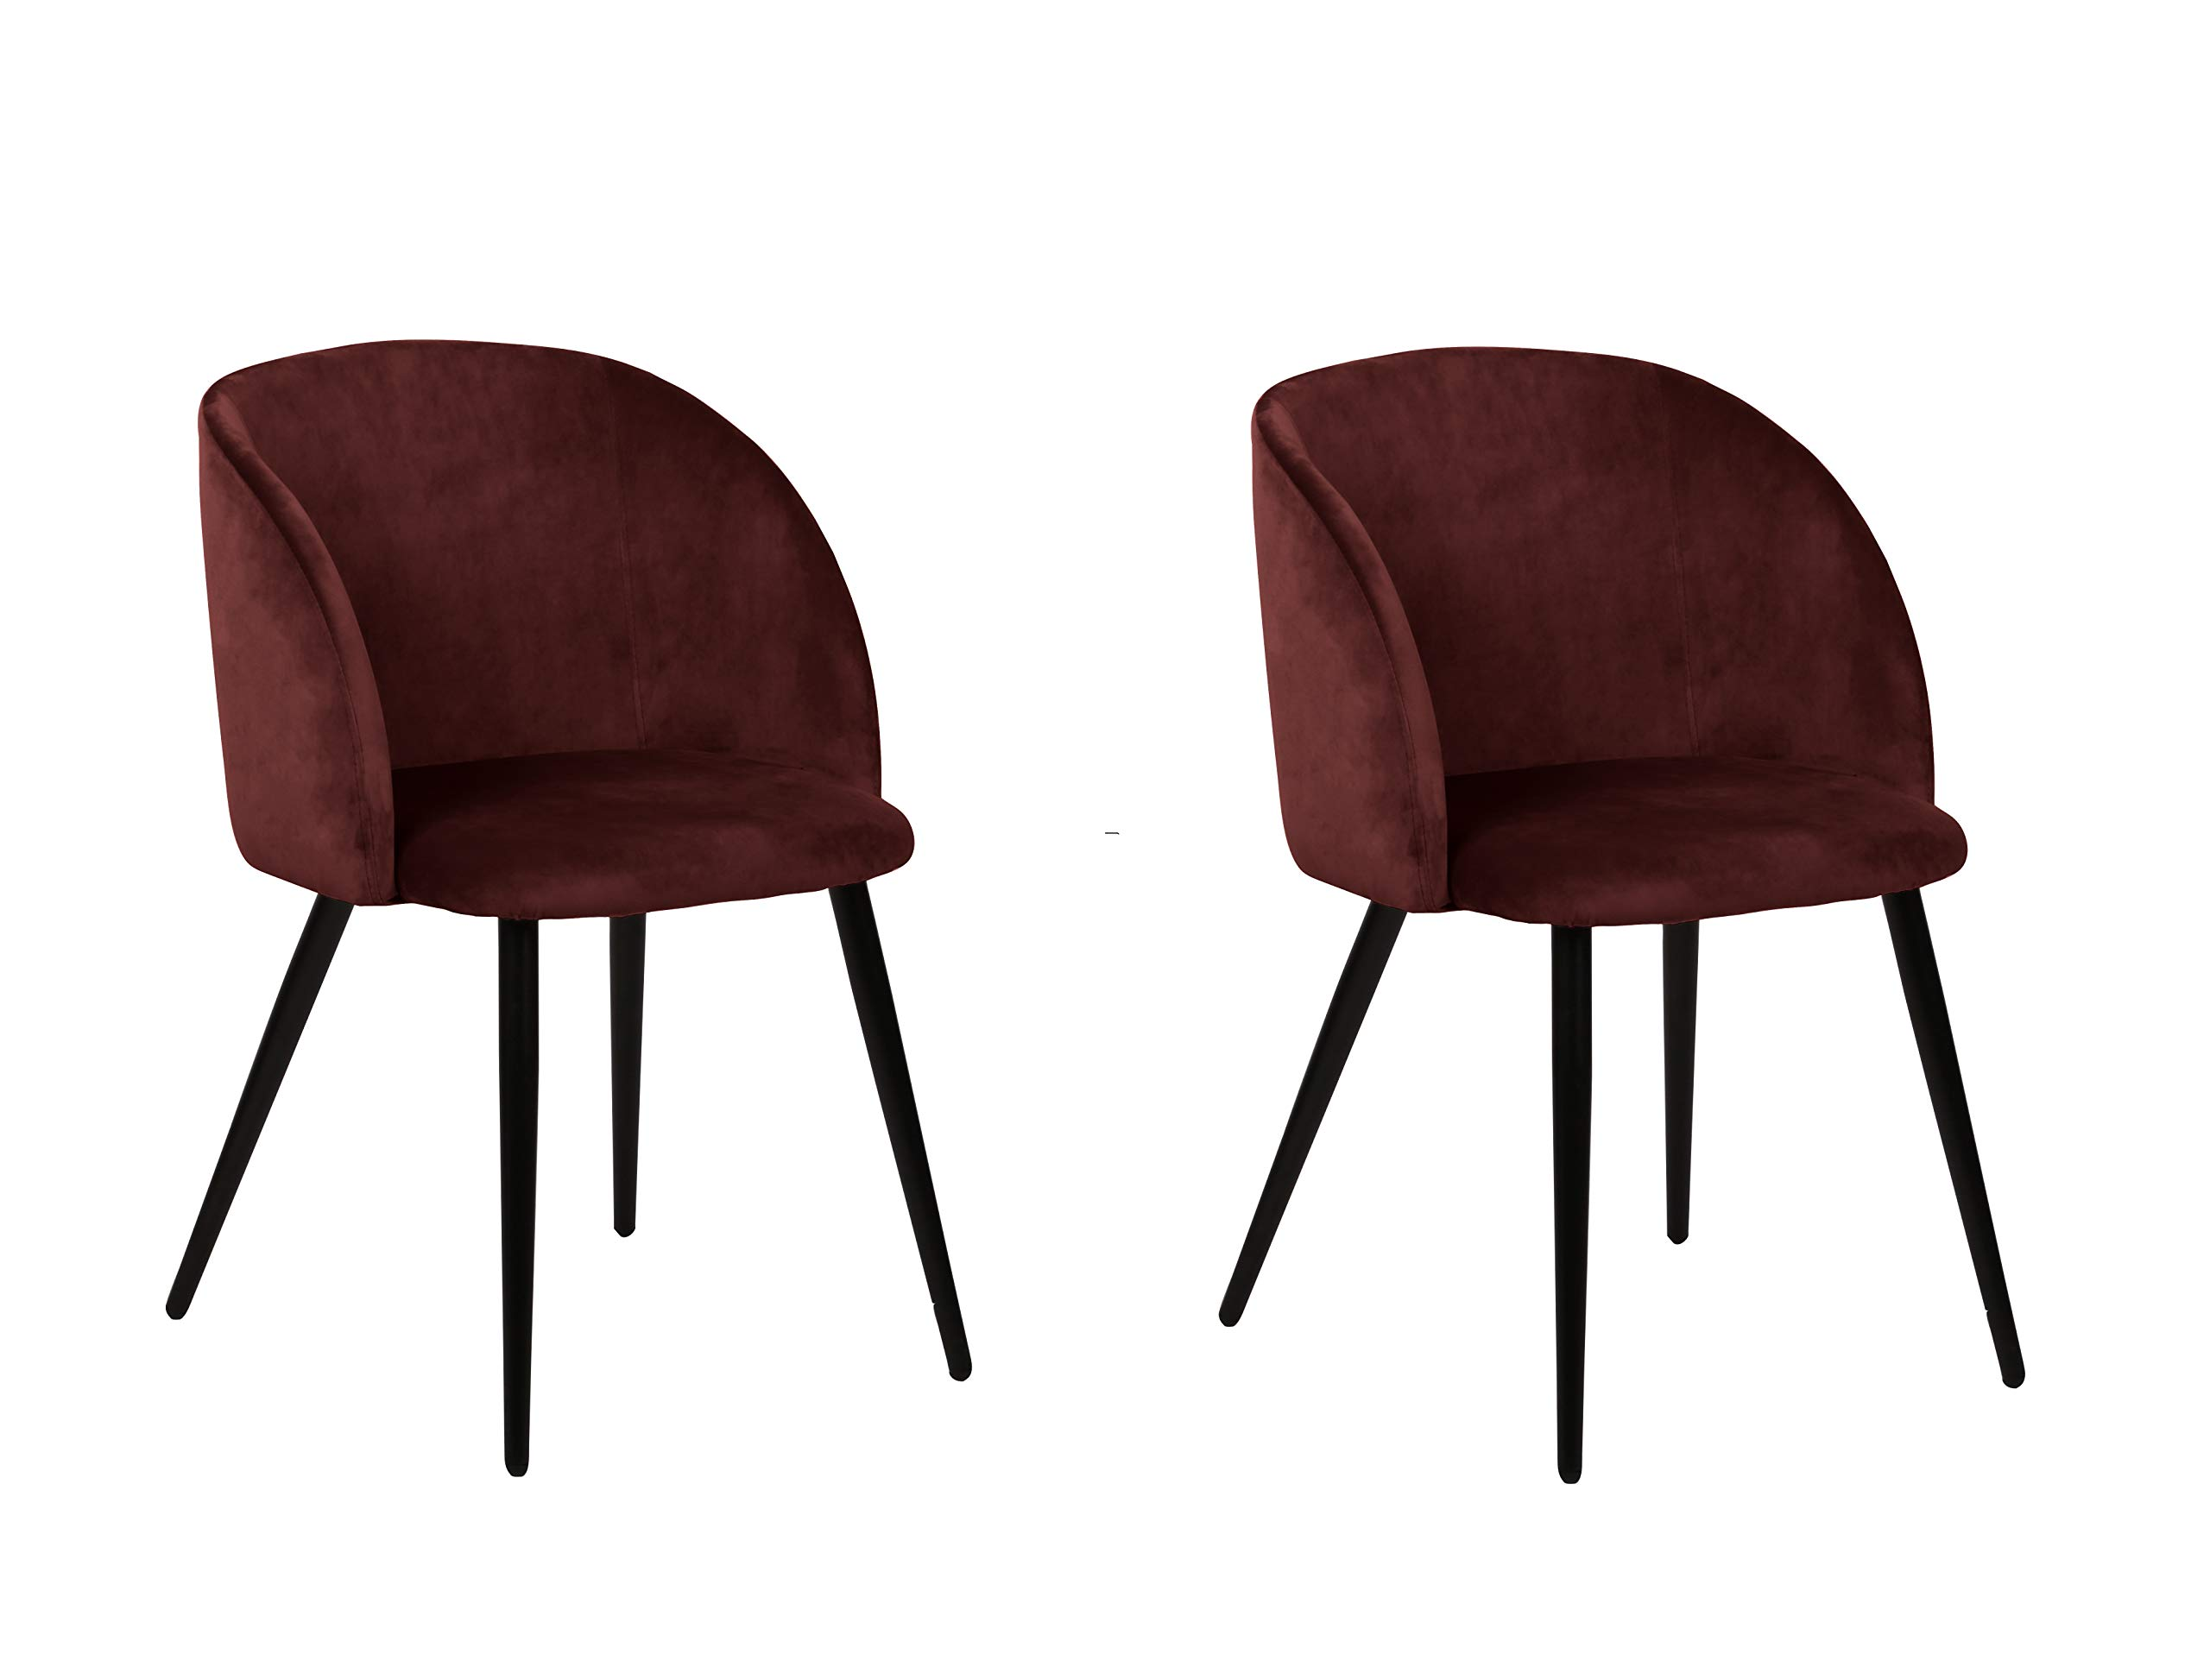 eSituro 2 x Sedie Sala da Pranzo Sedie Eleganti per Cucina Moderne da Scrivania con Schienale Velluto Grigio Piedi Dorati in Metallo SDC0205-2